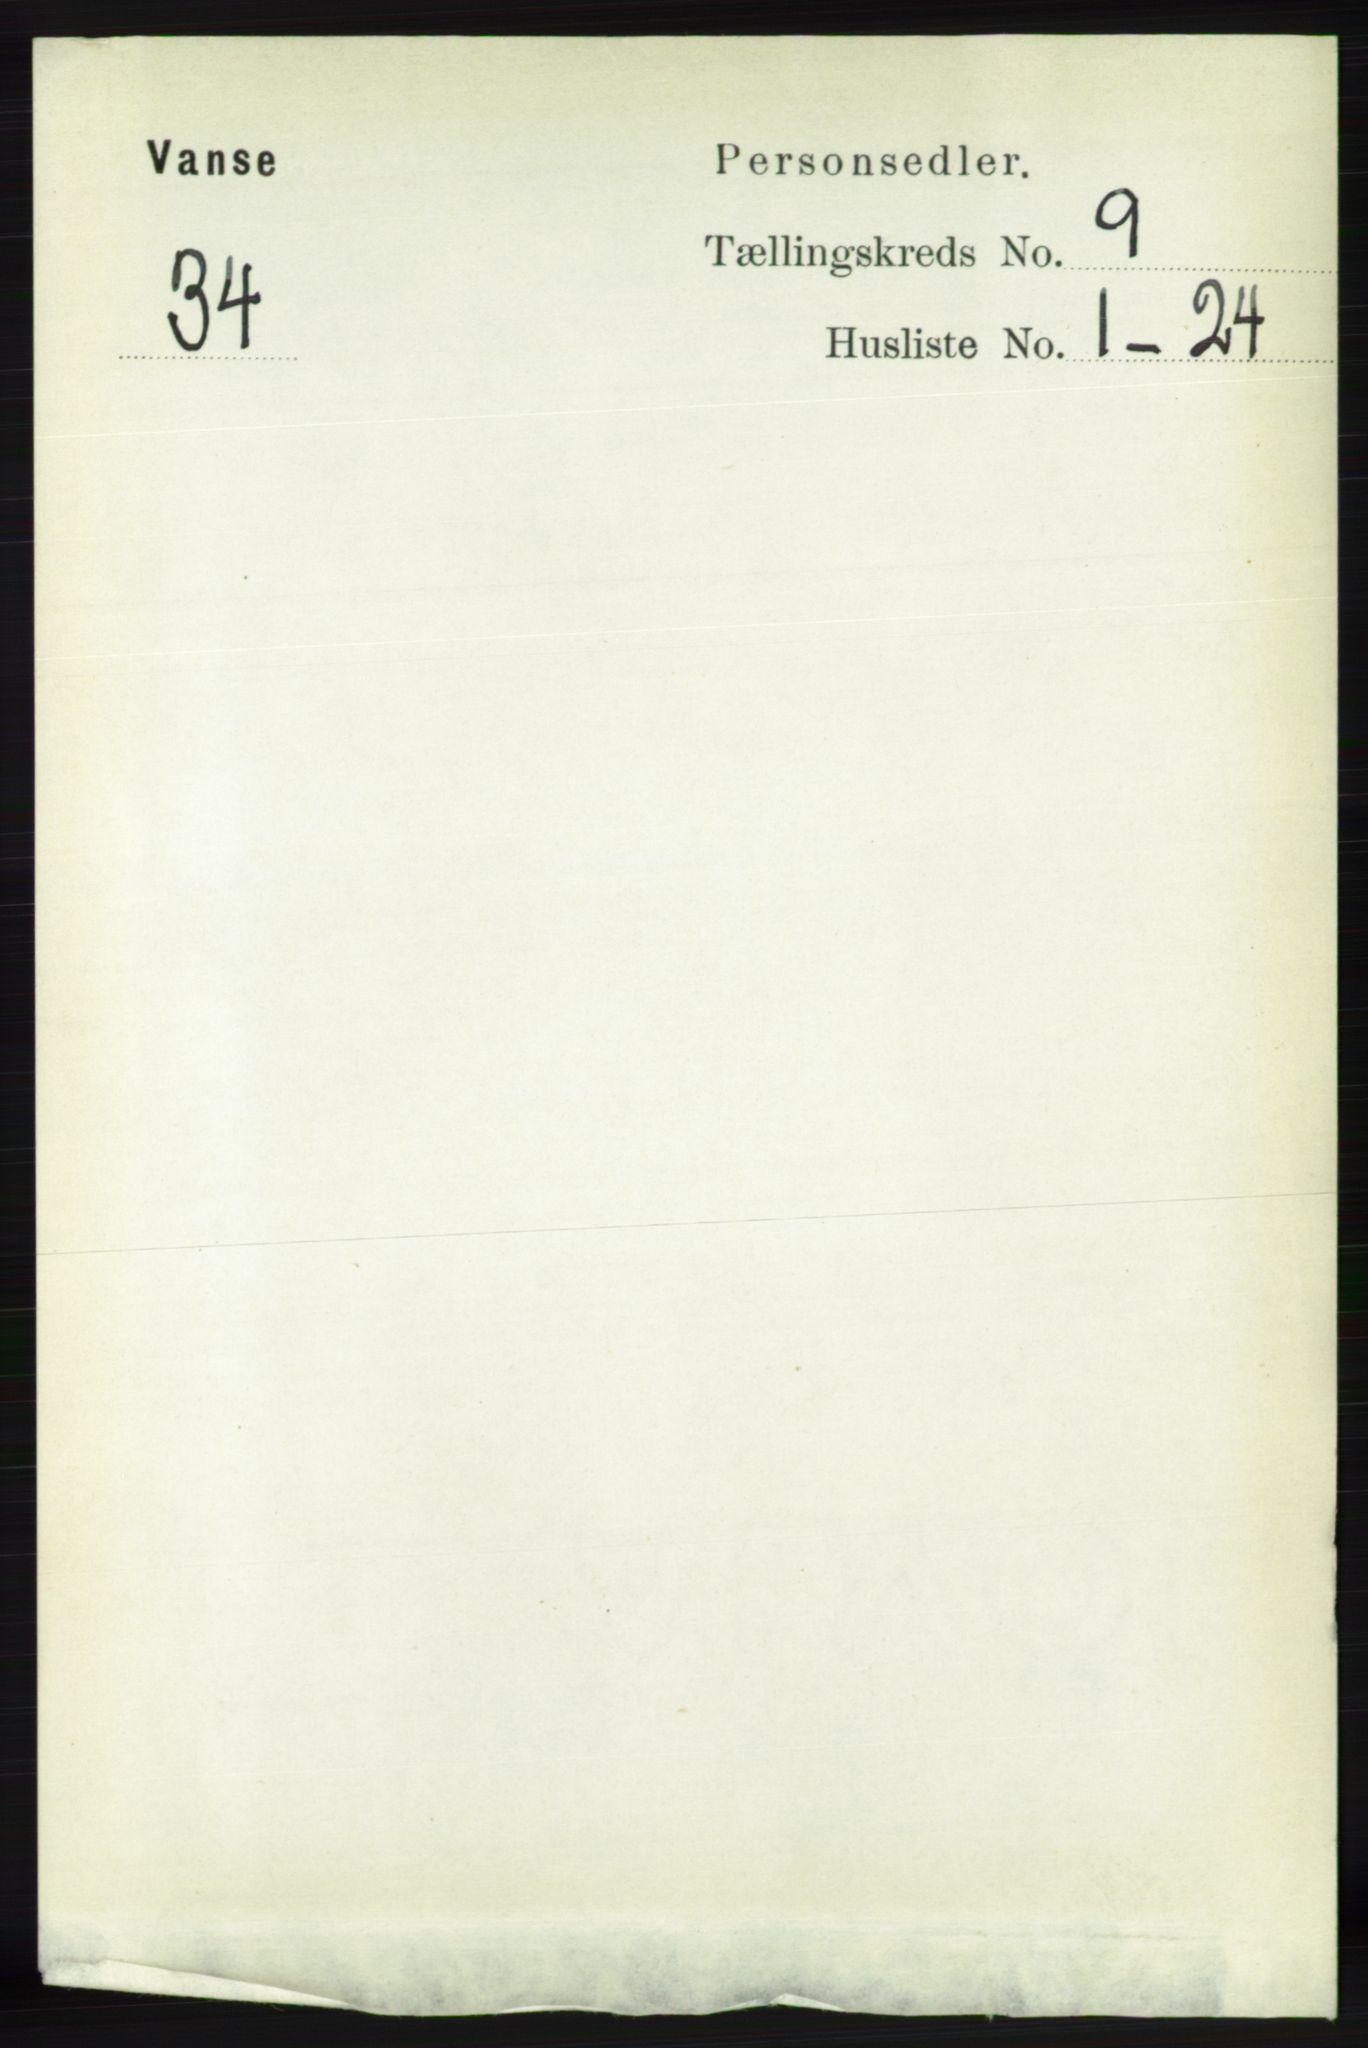 RA, Folketelling 1891 for 1041 Vanse herred, 1891, s. 5267